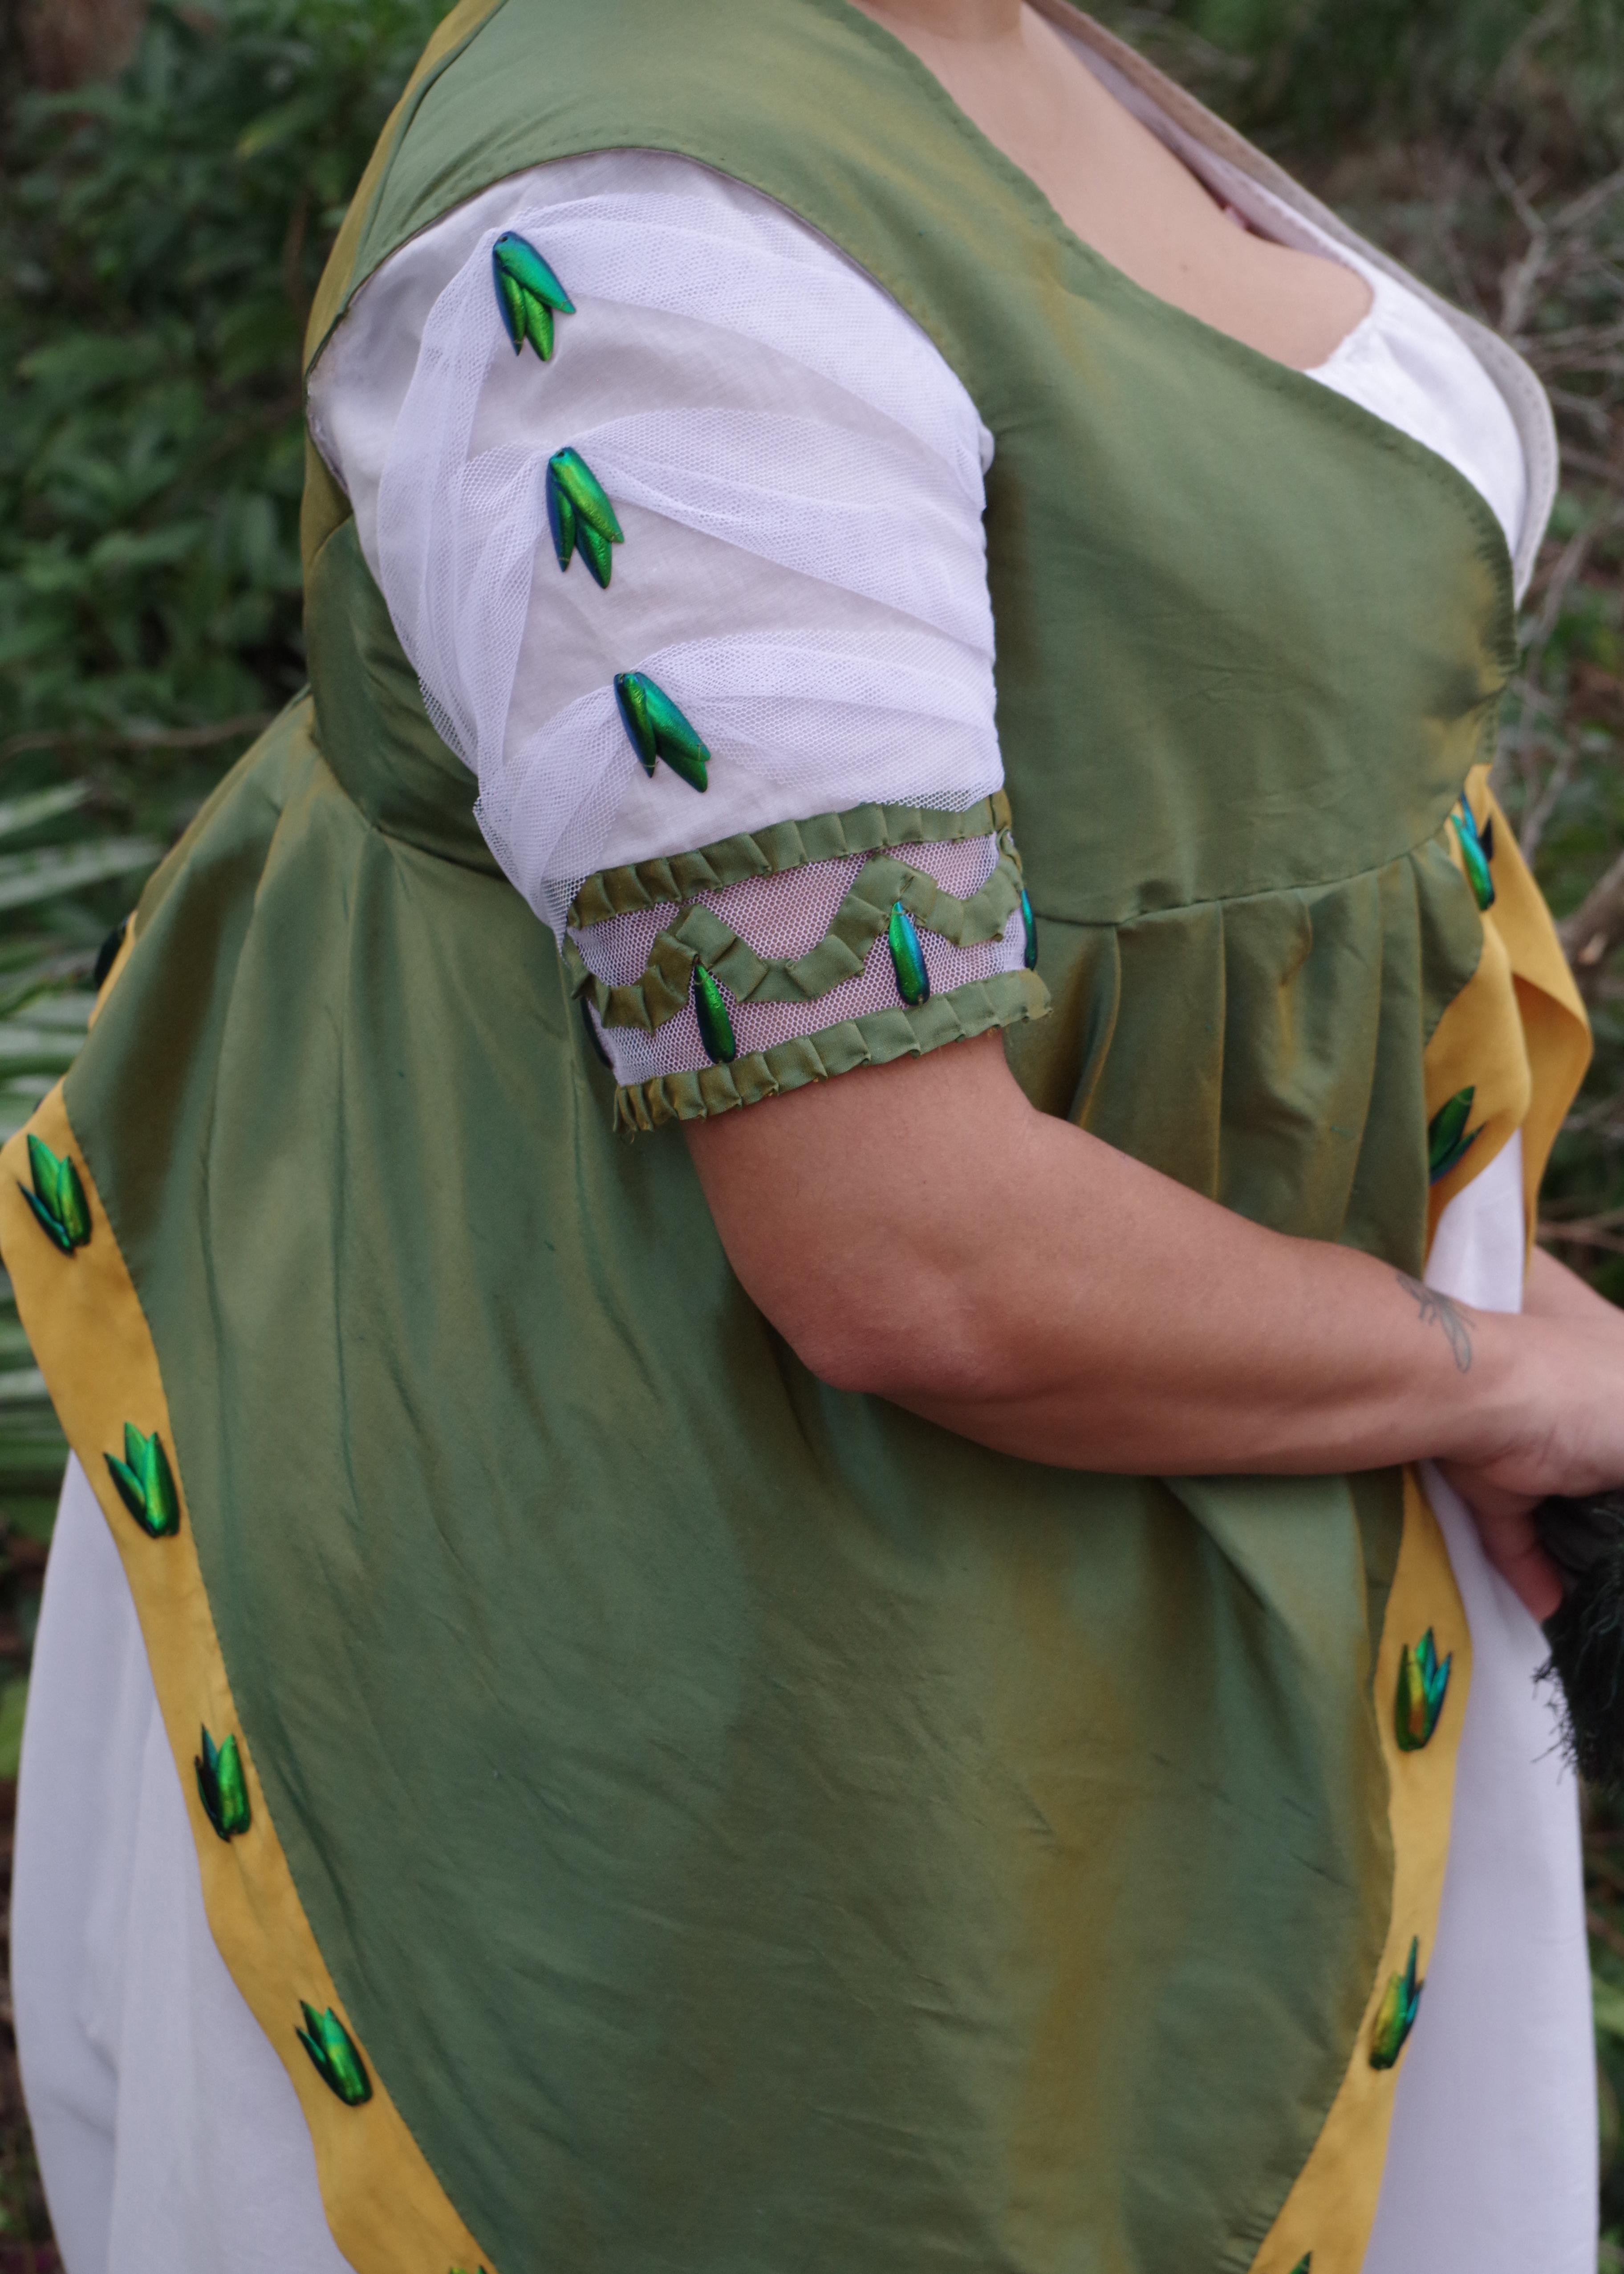 SophiaKhan2